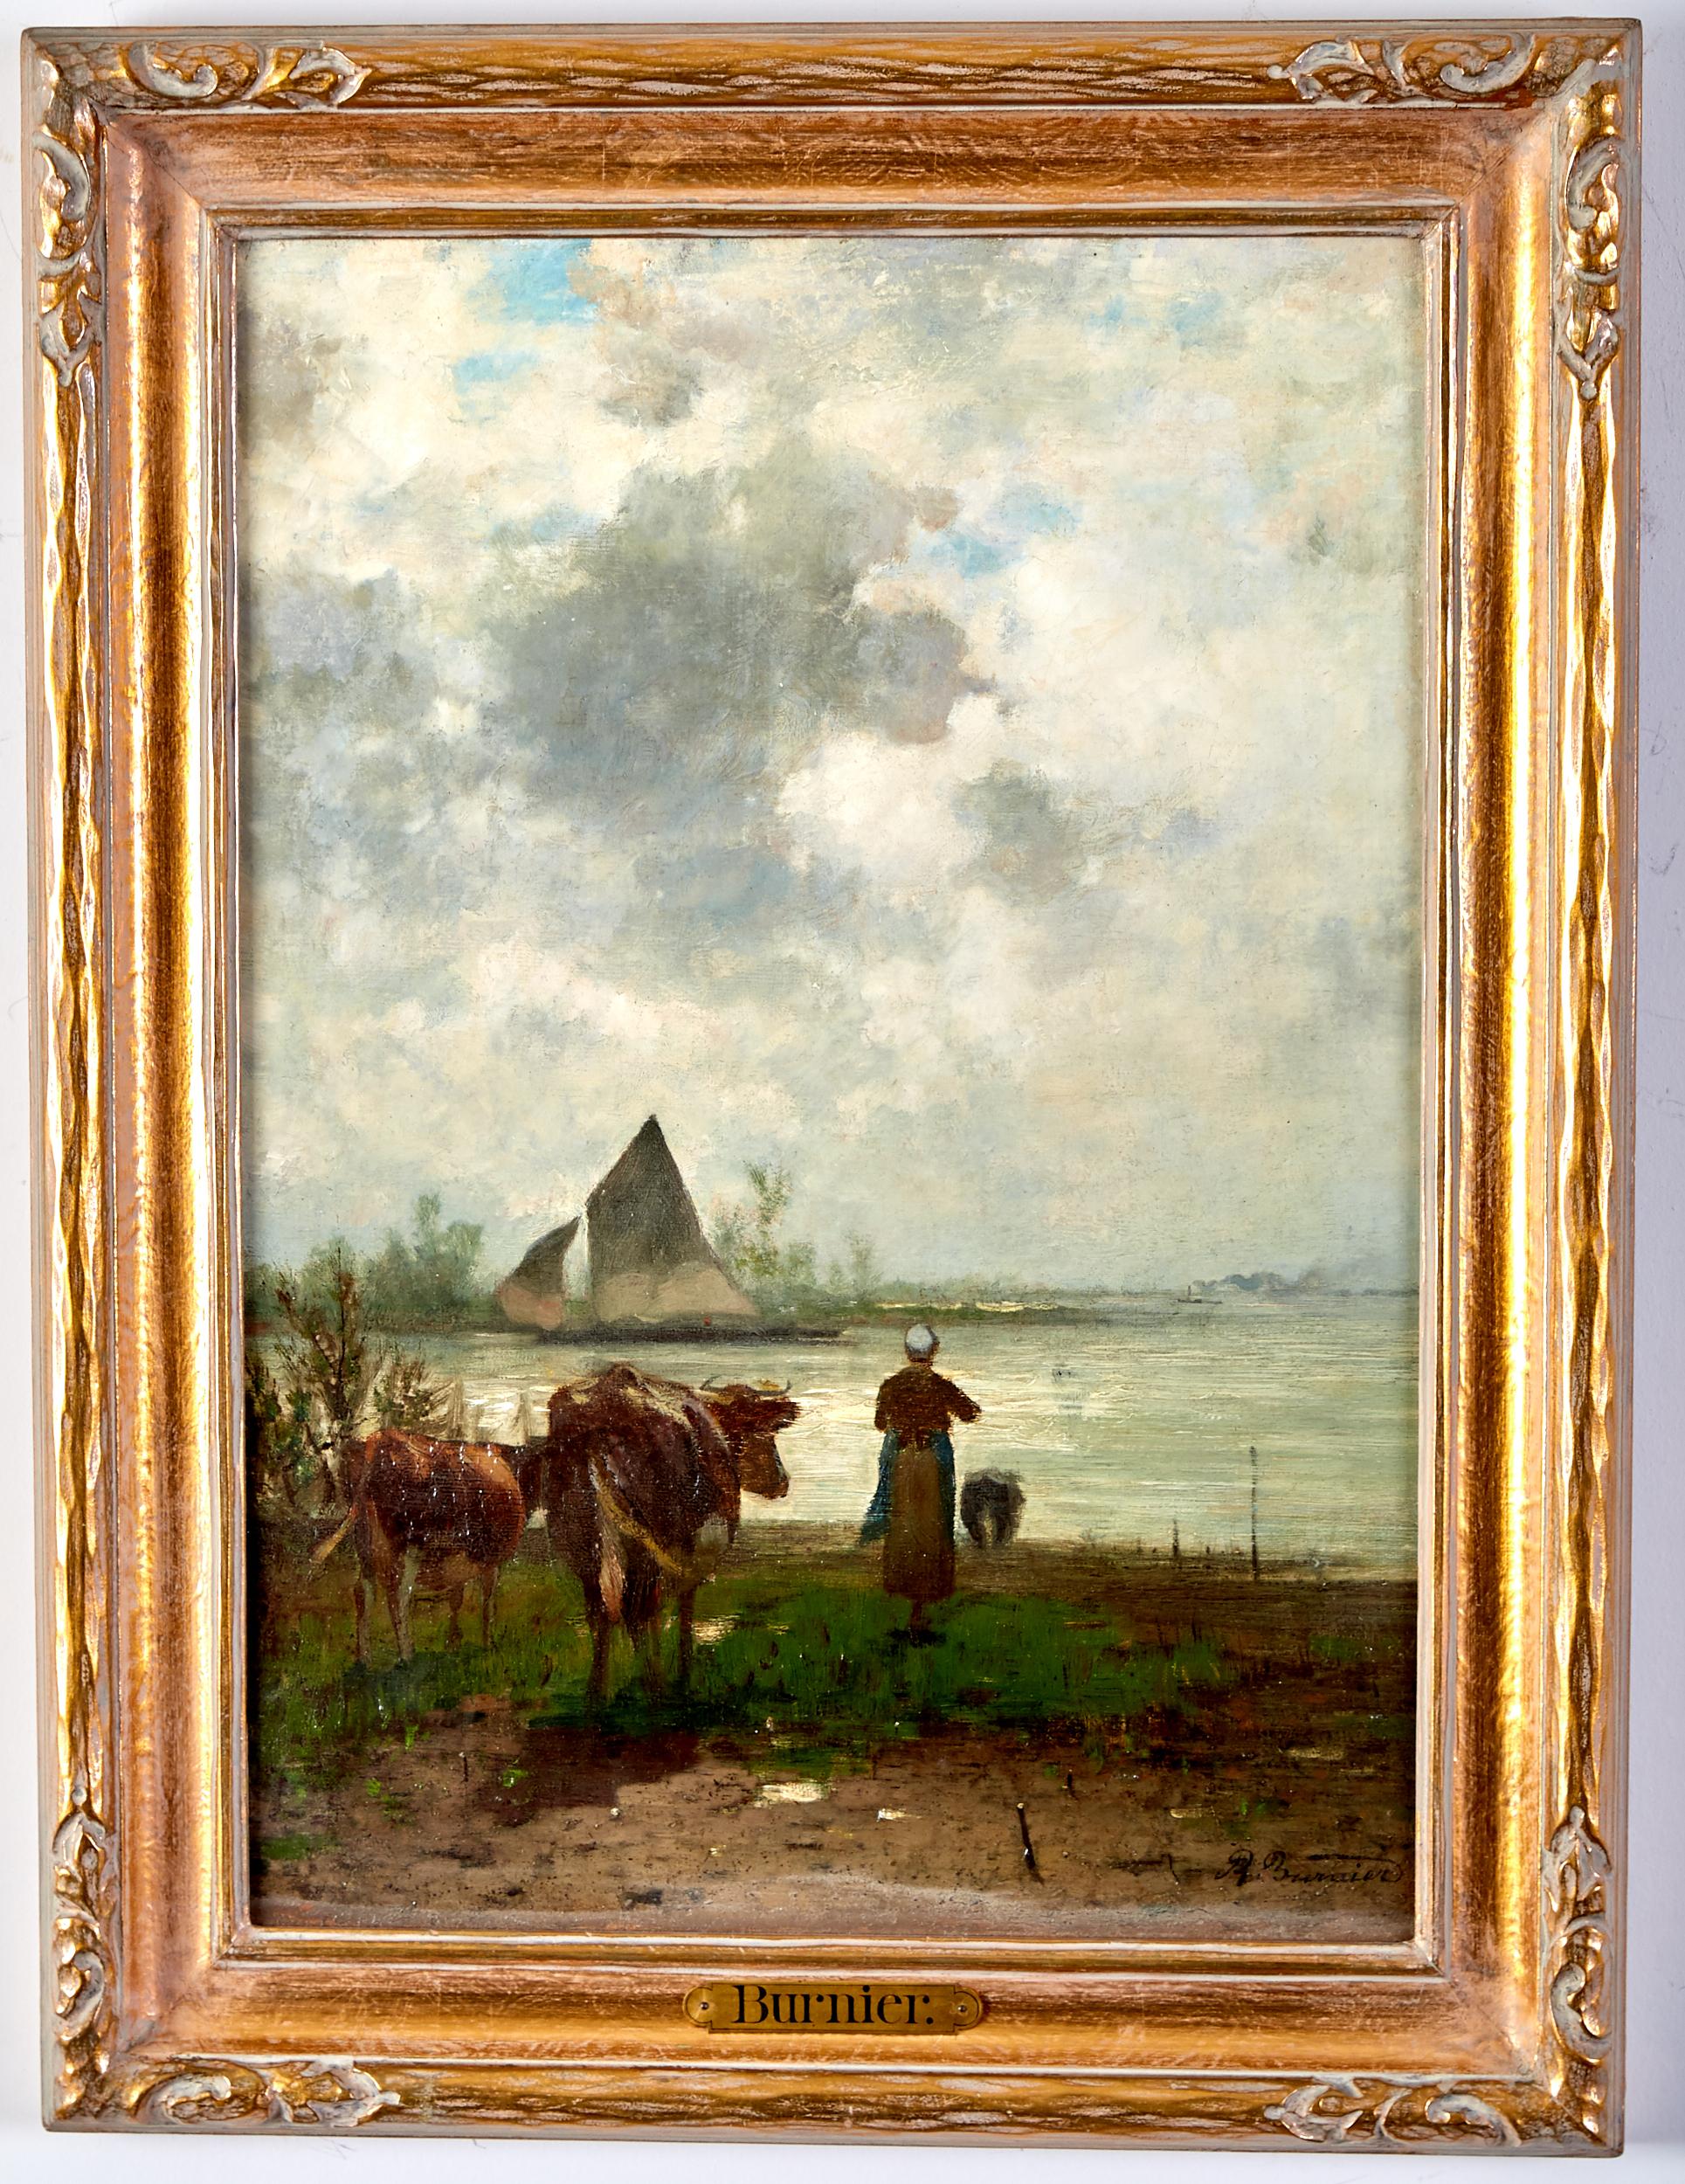 Lot 17 - Richard Burnier Painting Dutch Landscape